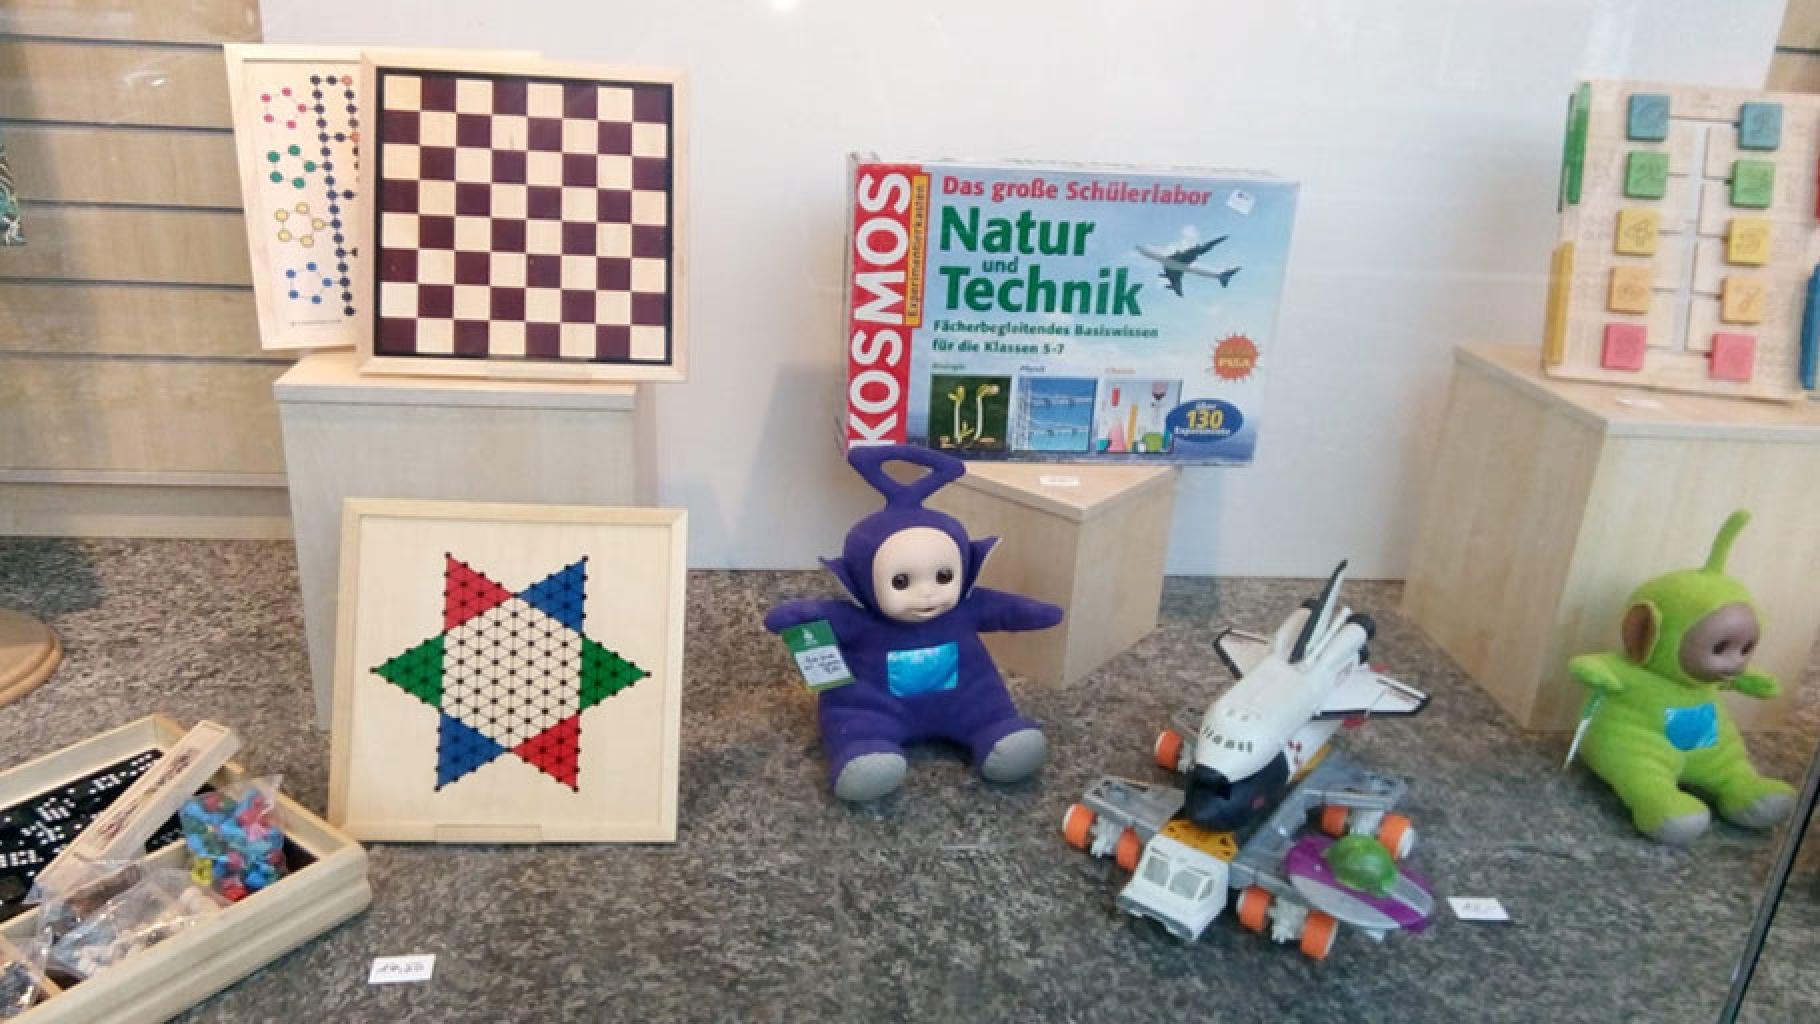 Spiele und Spielwaren im Schaufenster eines Oxfam Shops